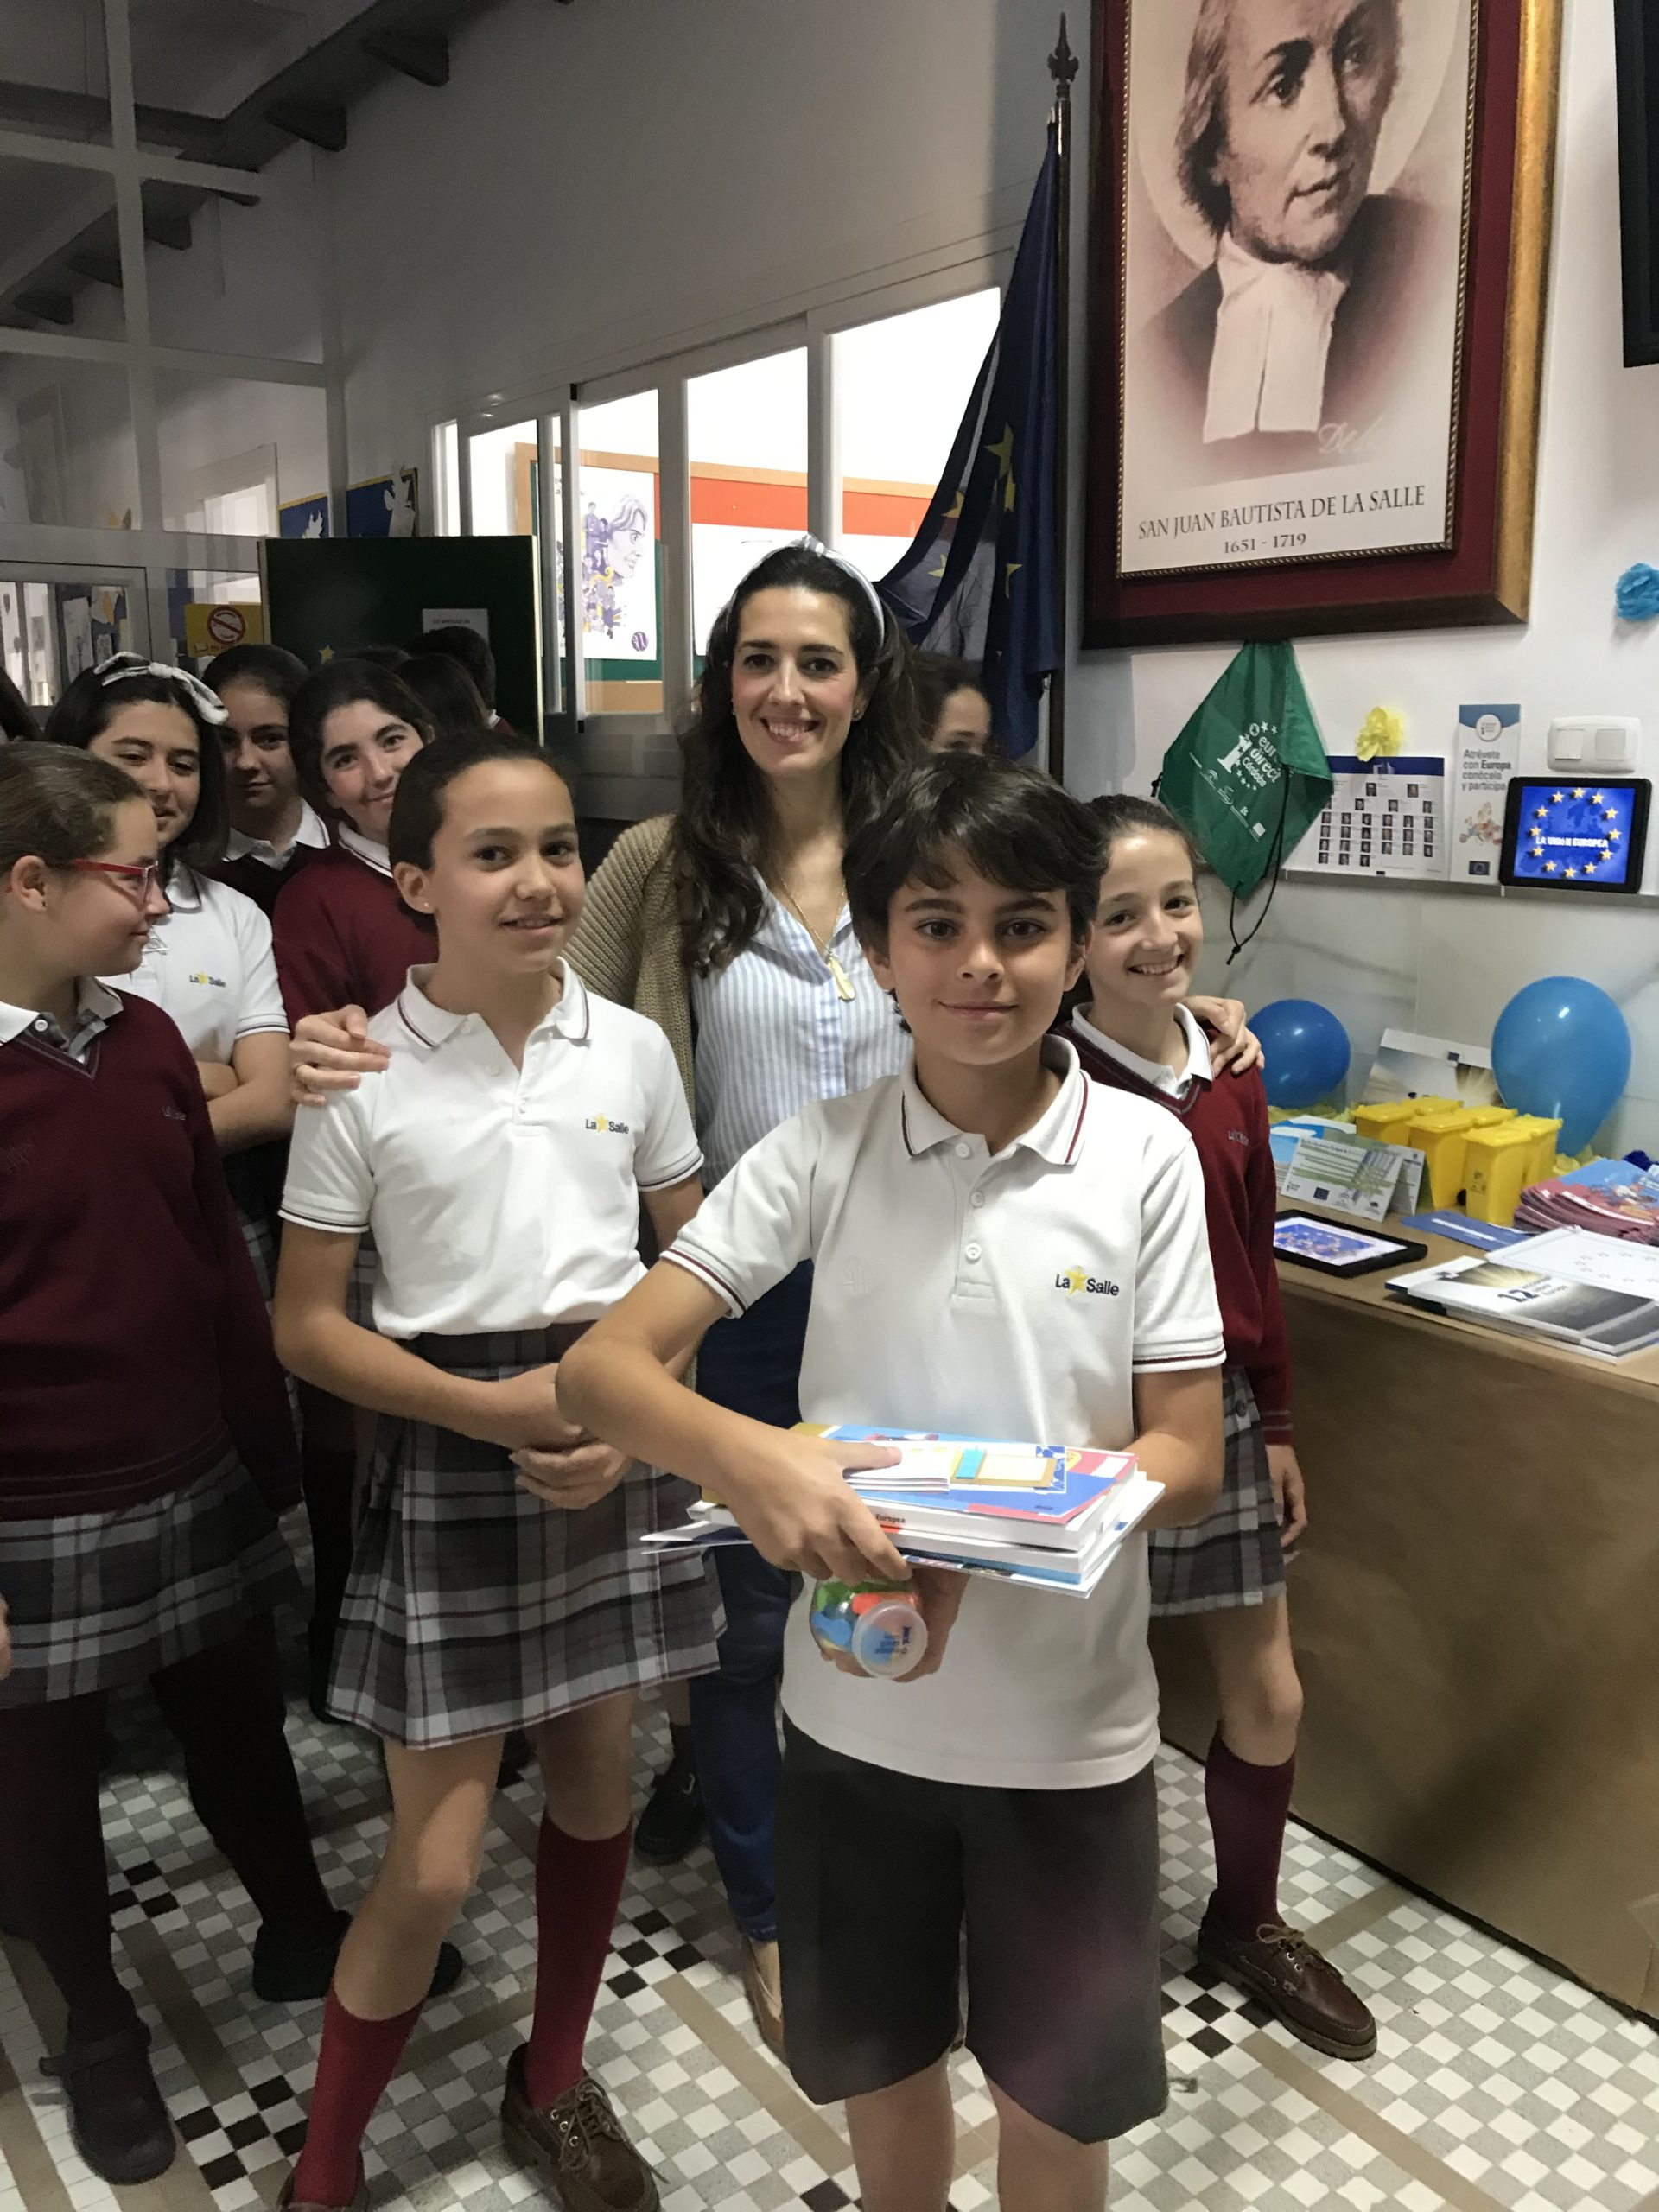 Colegio La Salle. Córdoba. Día Europa 2019